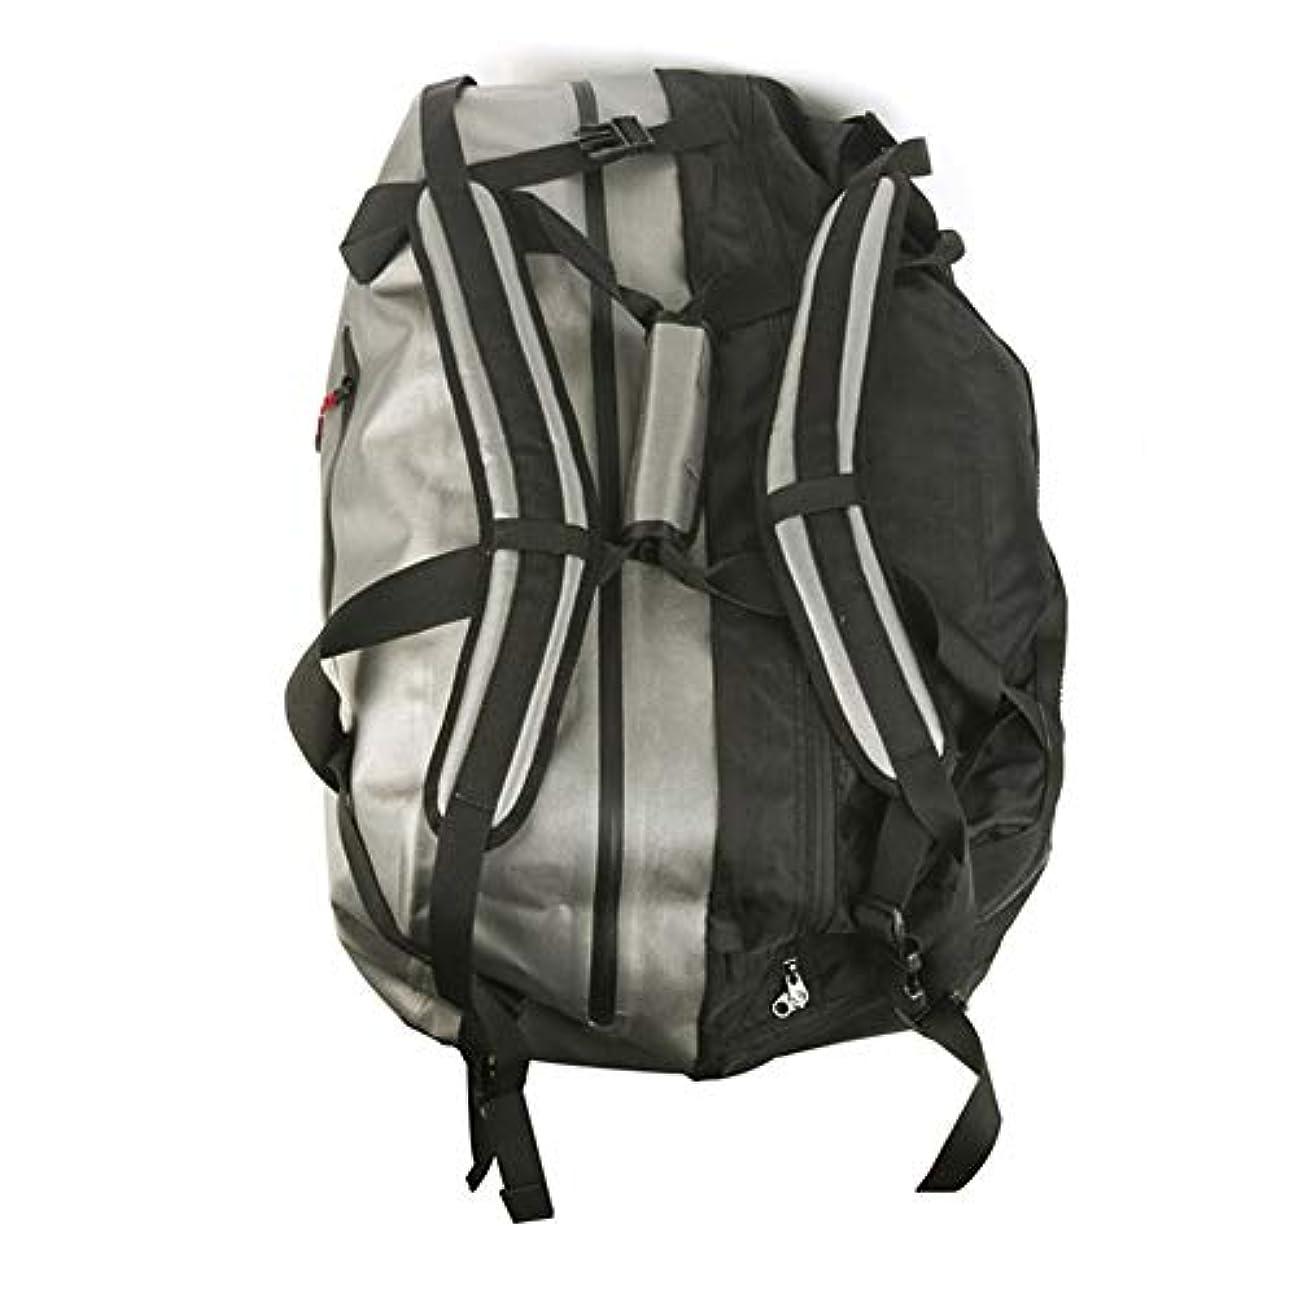 に話す無声でホットLYgMV キャンプ防水バッグハンドバッグ釣りギアバッグバックパック